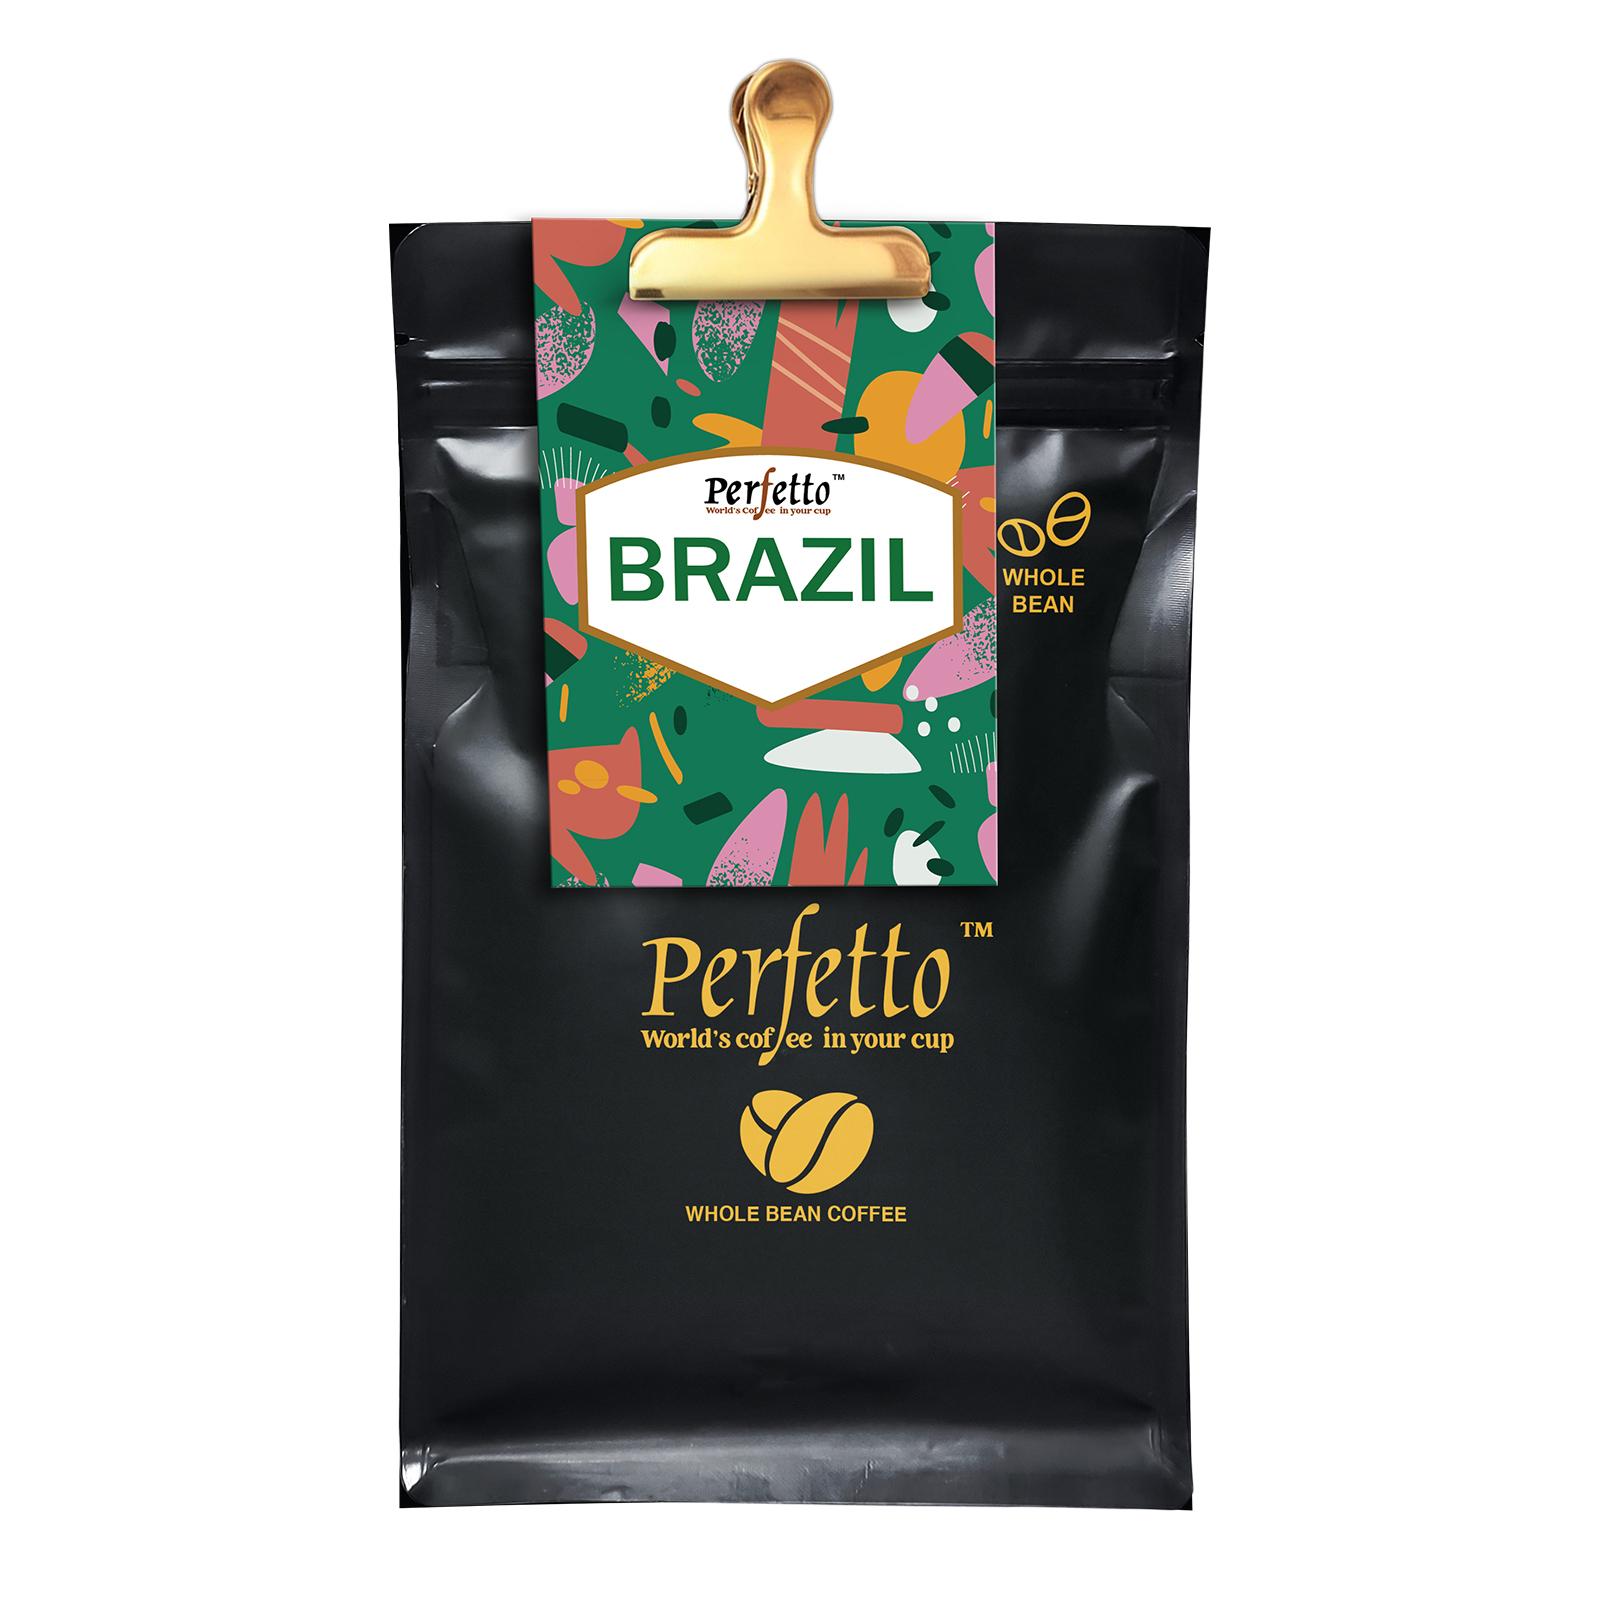 Brazil Toucan Cerrado Roasted Coffee Bean